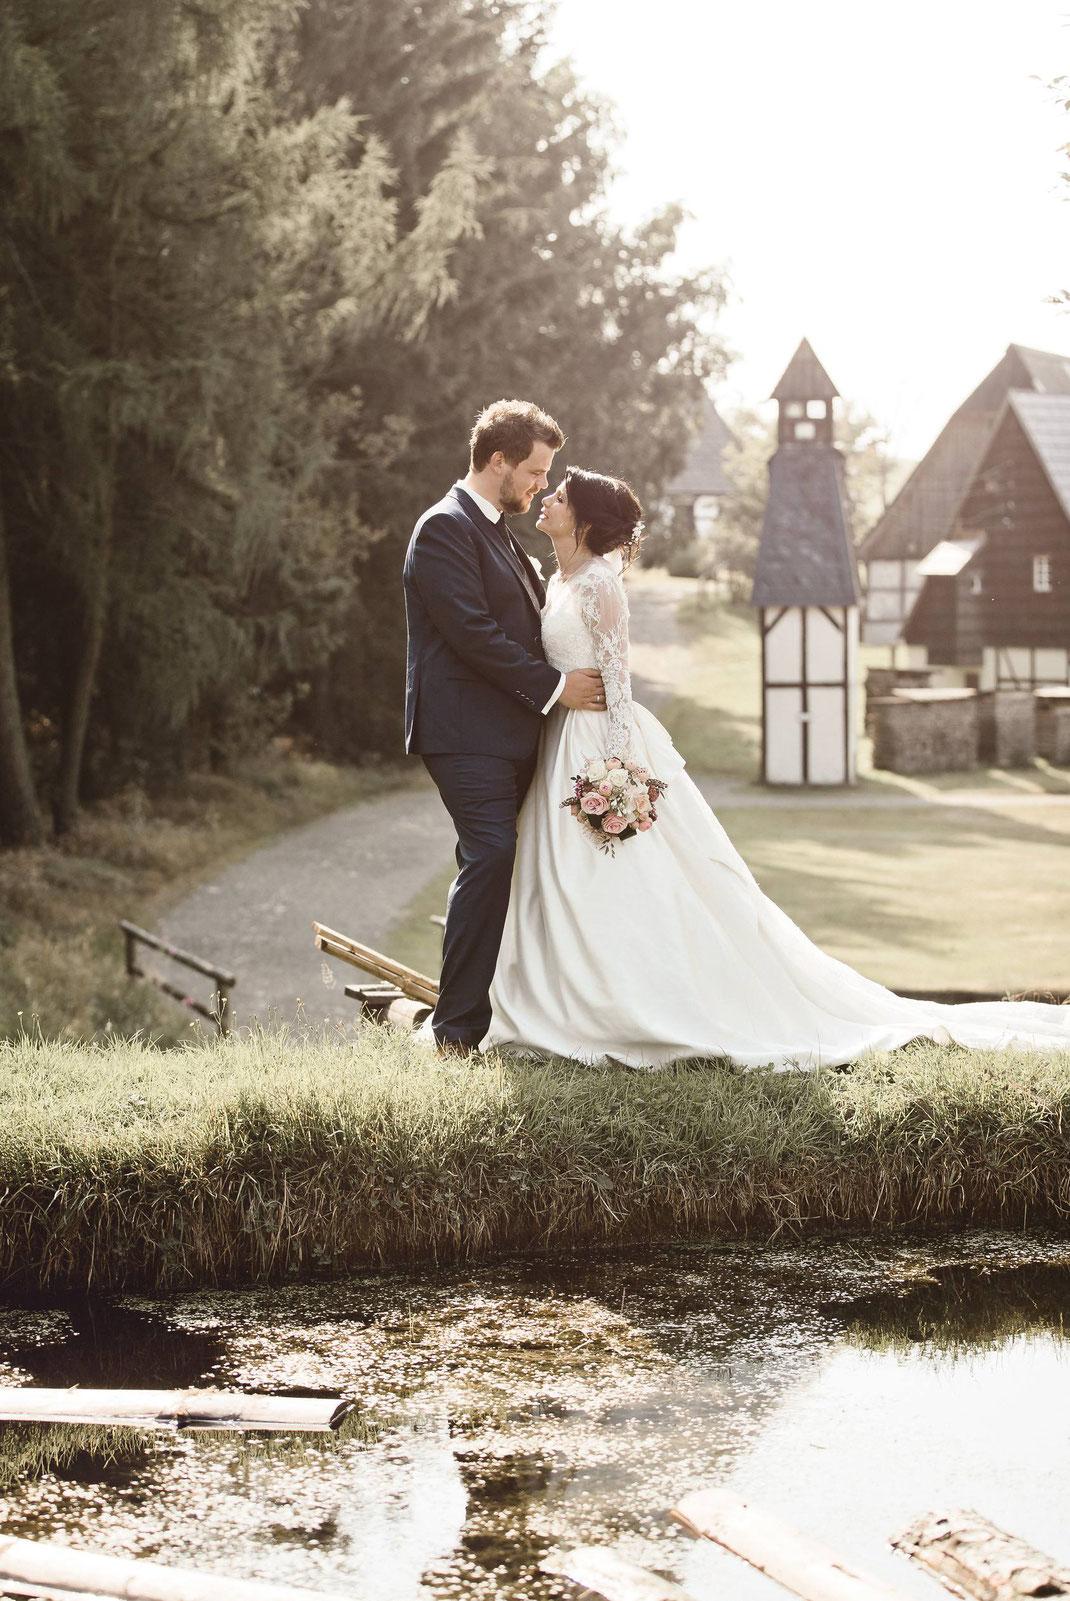 Hochzeit in Seiffen im Erzgebirge - Als Hochzeitsfotograf unterwegs in Seiffen - Trauung in der weltbekannten Seiffener Kirche, Fotoshooting im Freilichtmuseum Seiffen